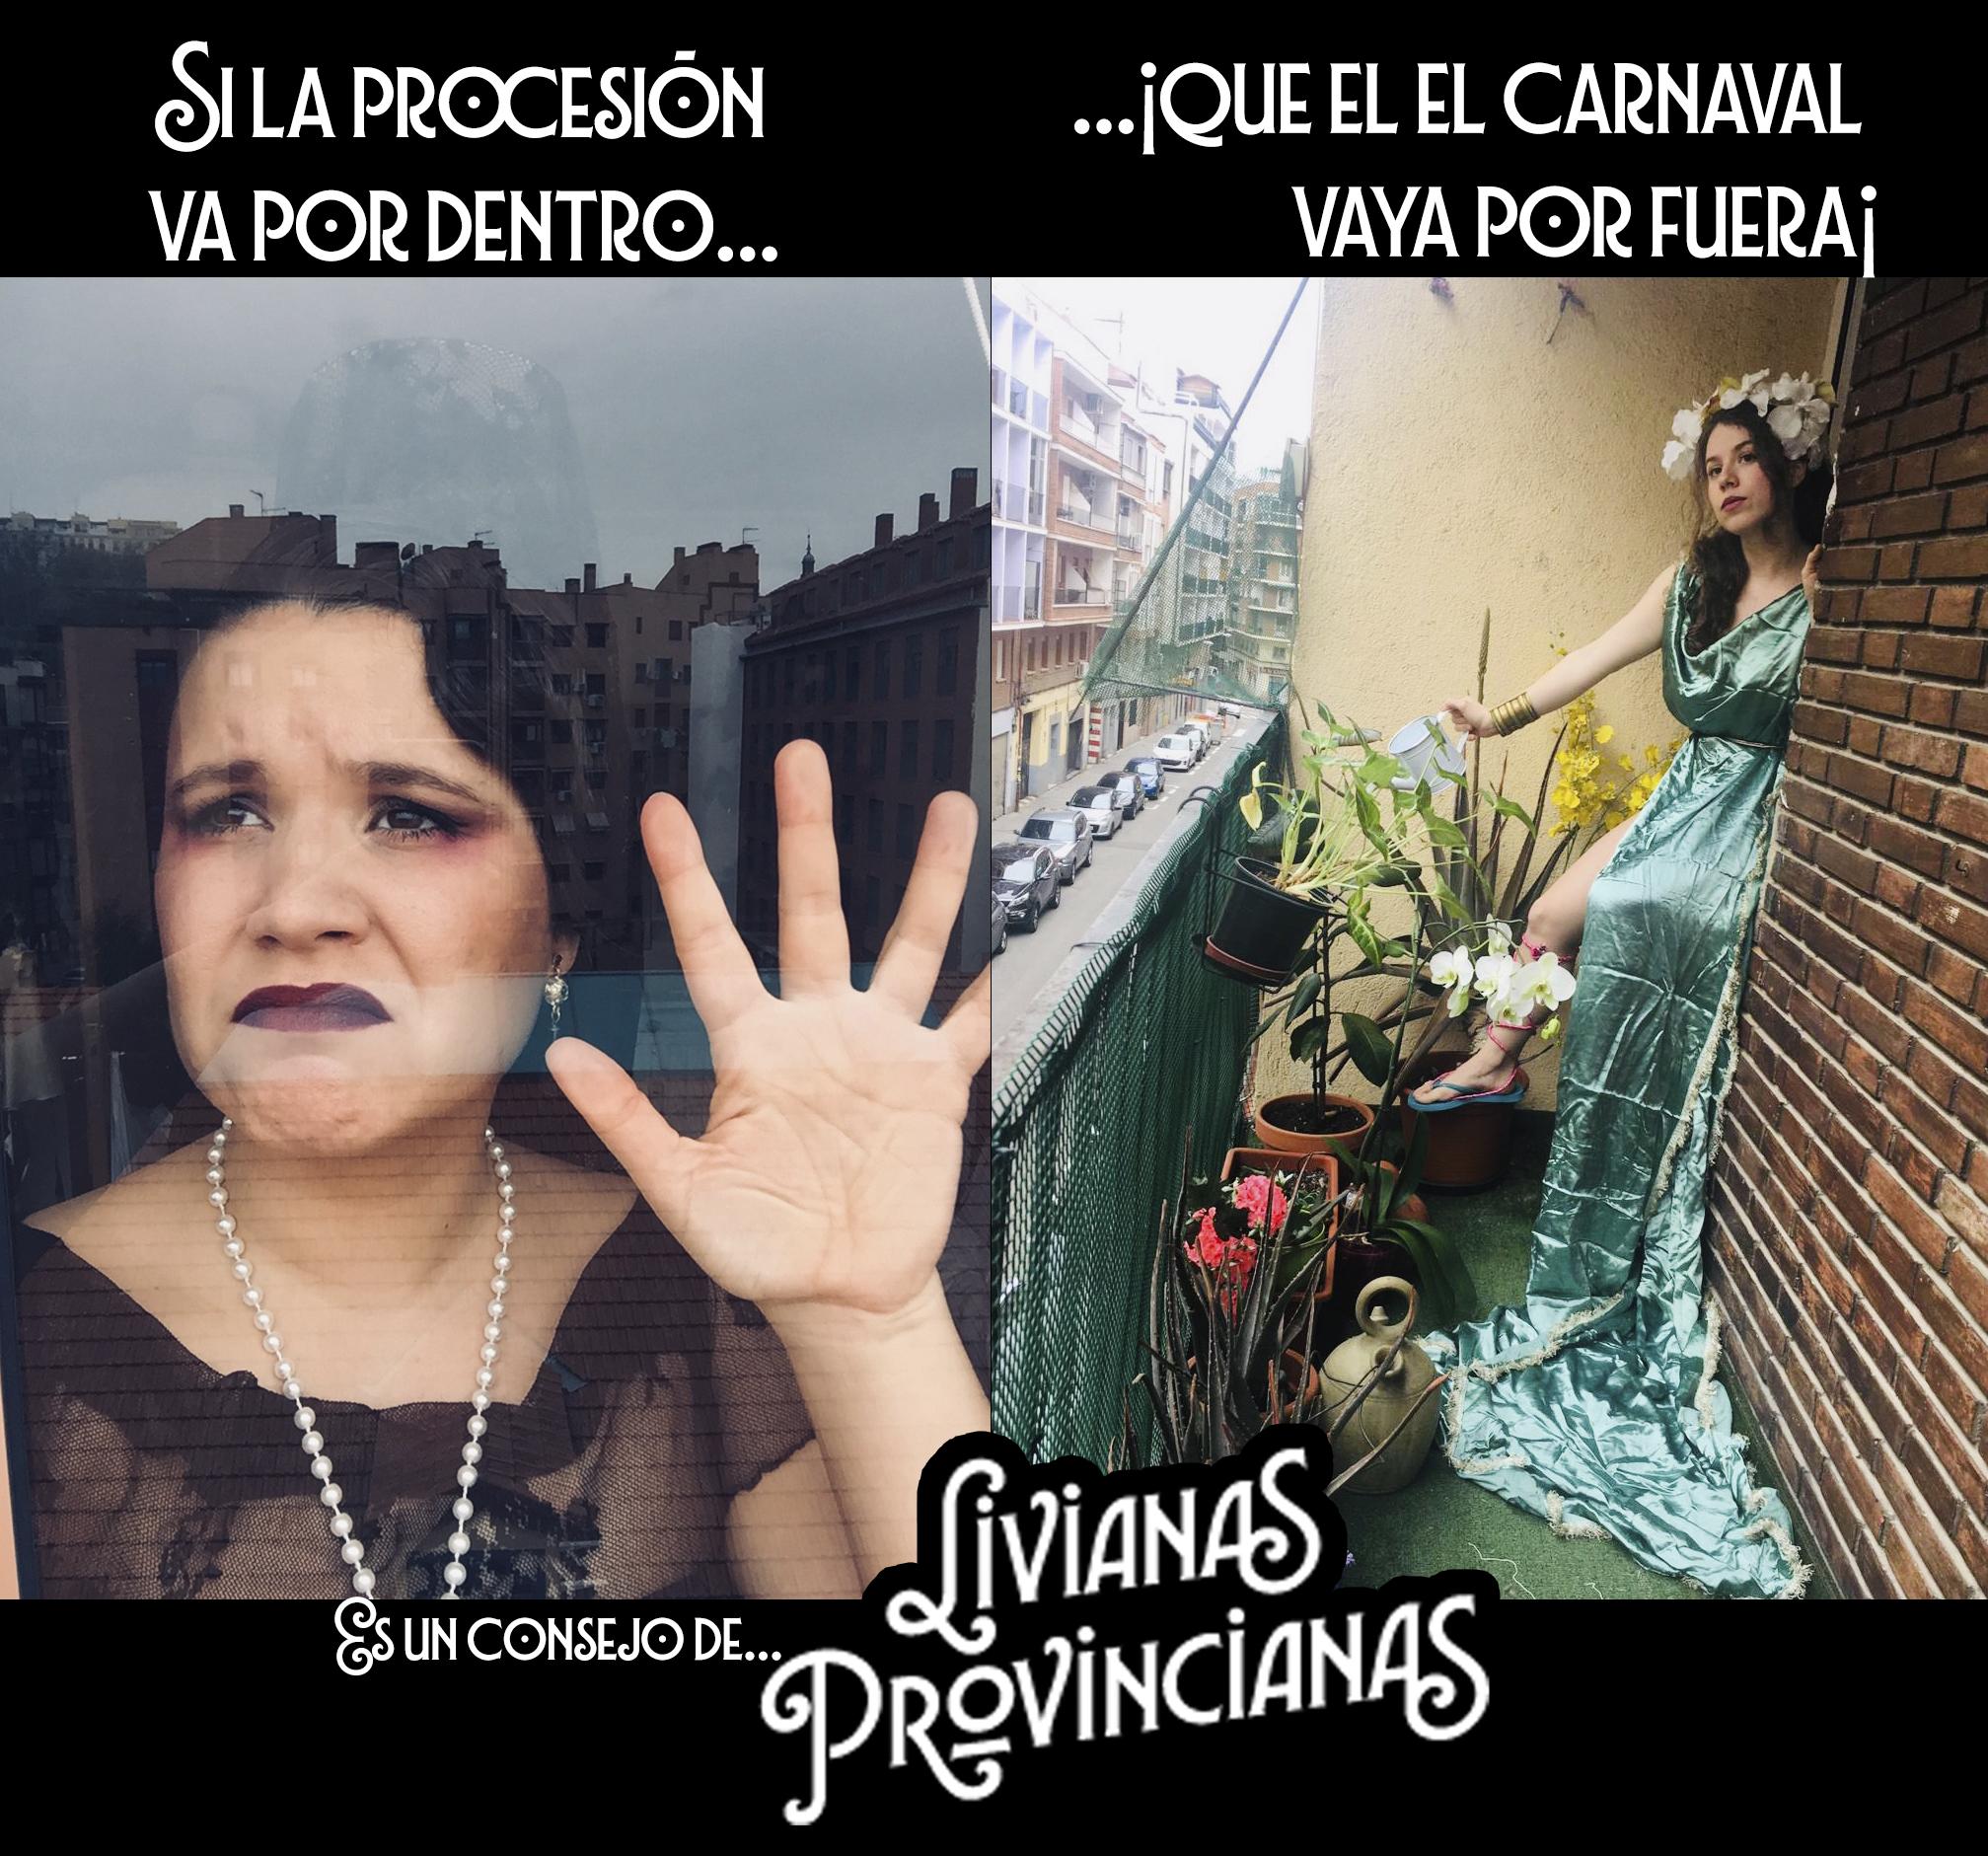 Las Livianas Provincianas en tiempos de cuarentena.